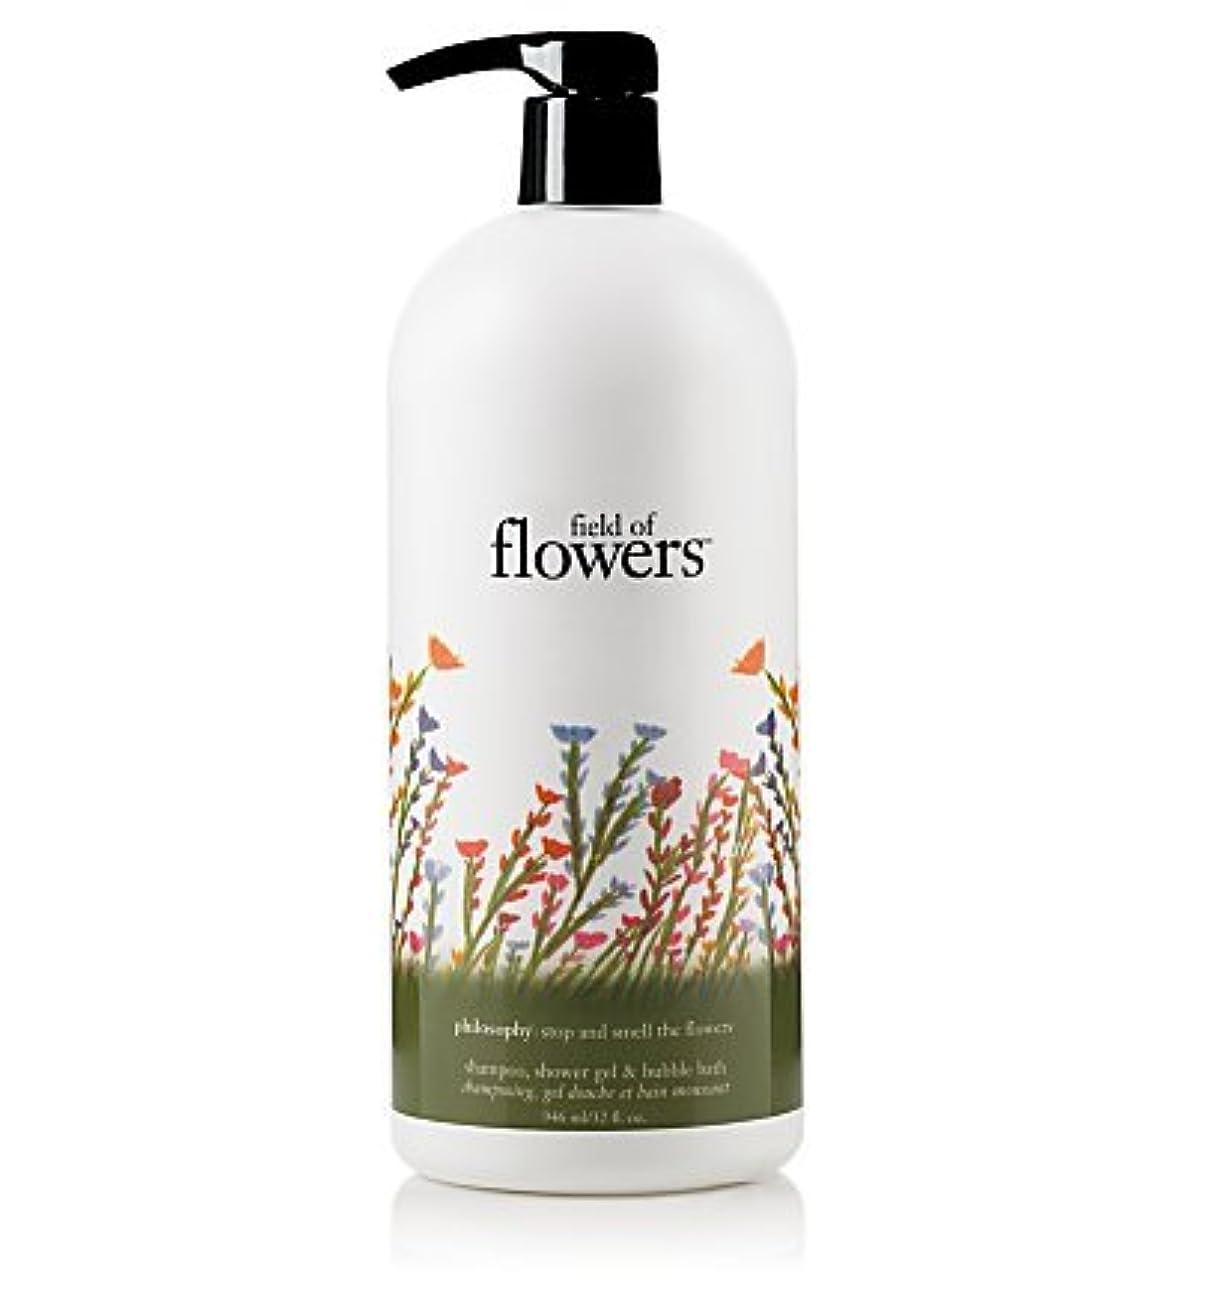 民間人心配ドロップfield of flowers (フィールド オブ フラワーズ) 32.0 oz (960ml) shampoo, shower gel & bubble bath for Women